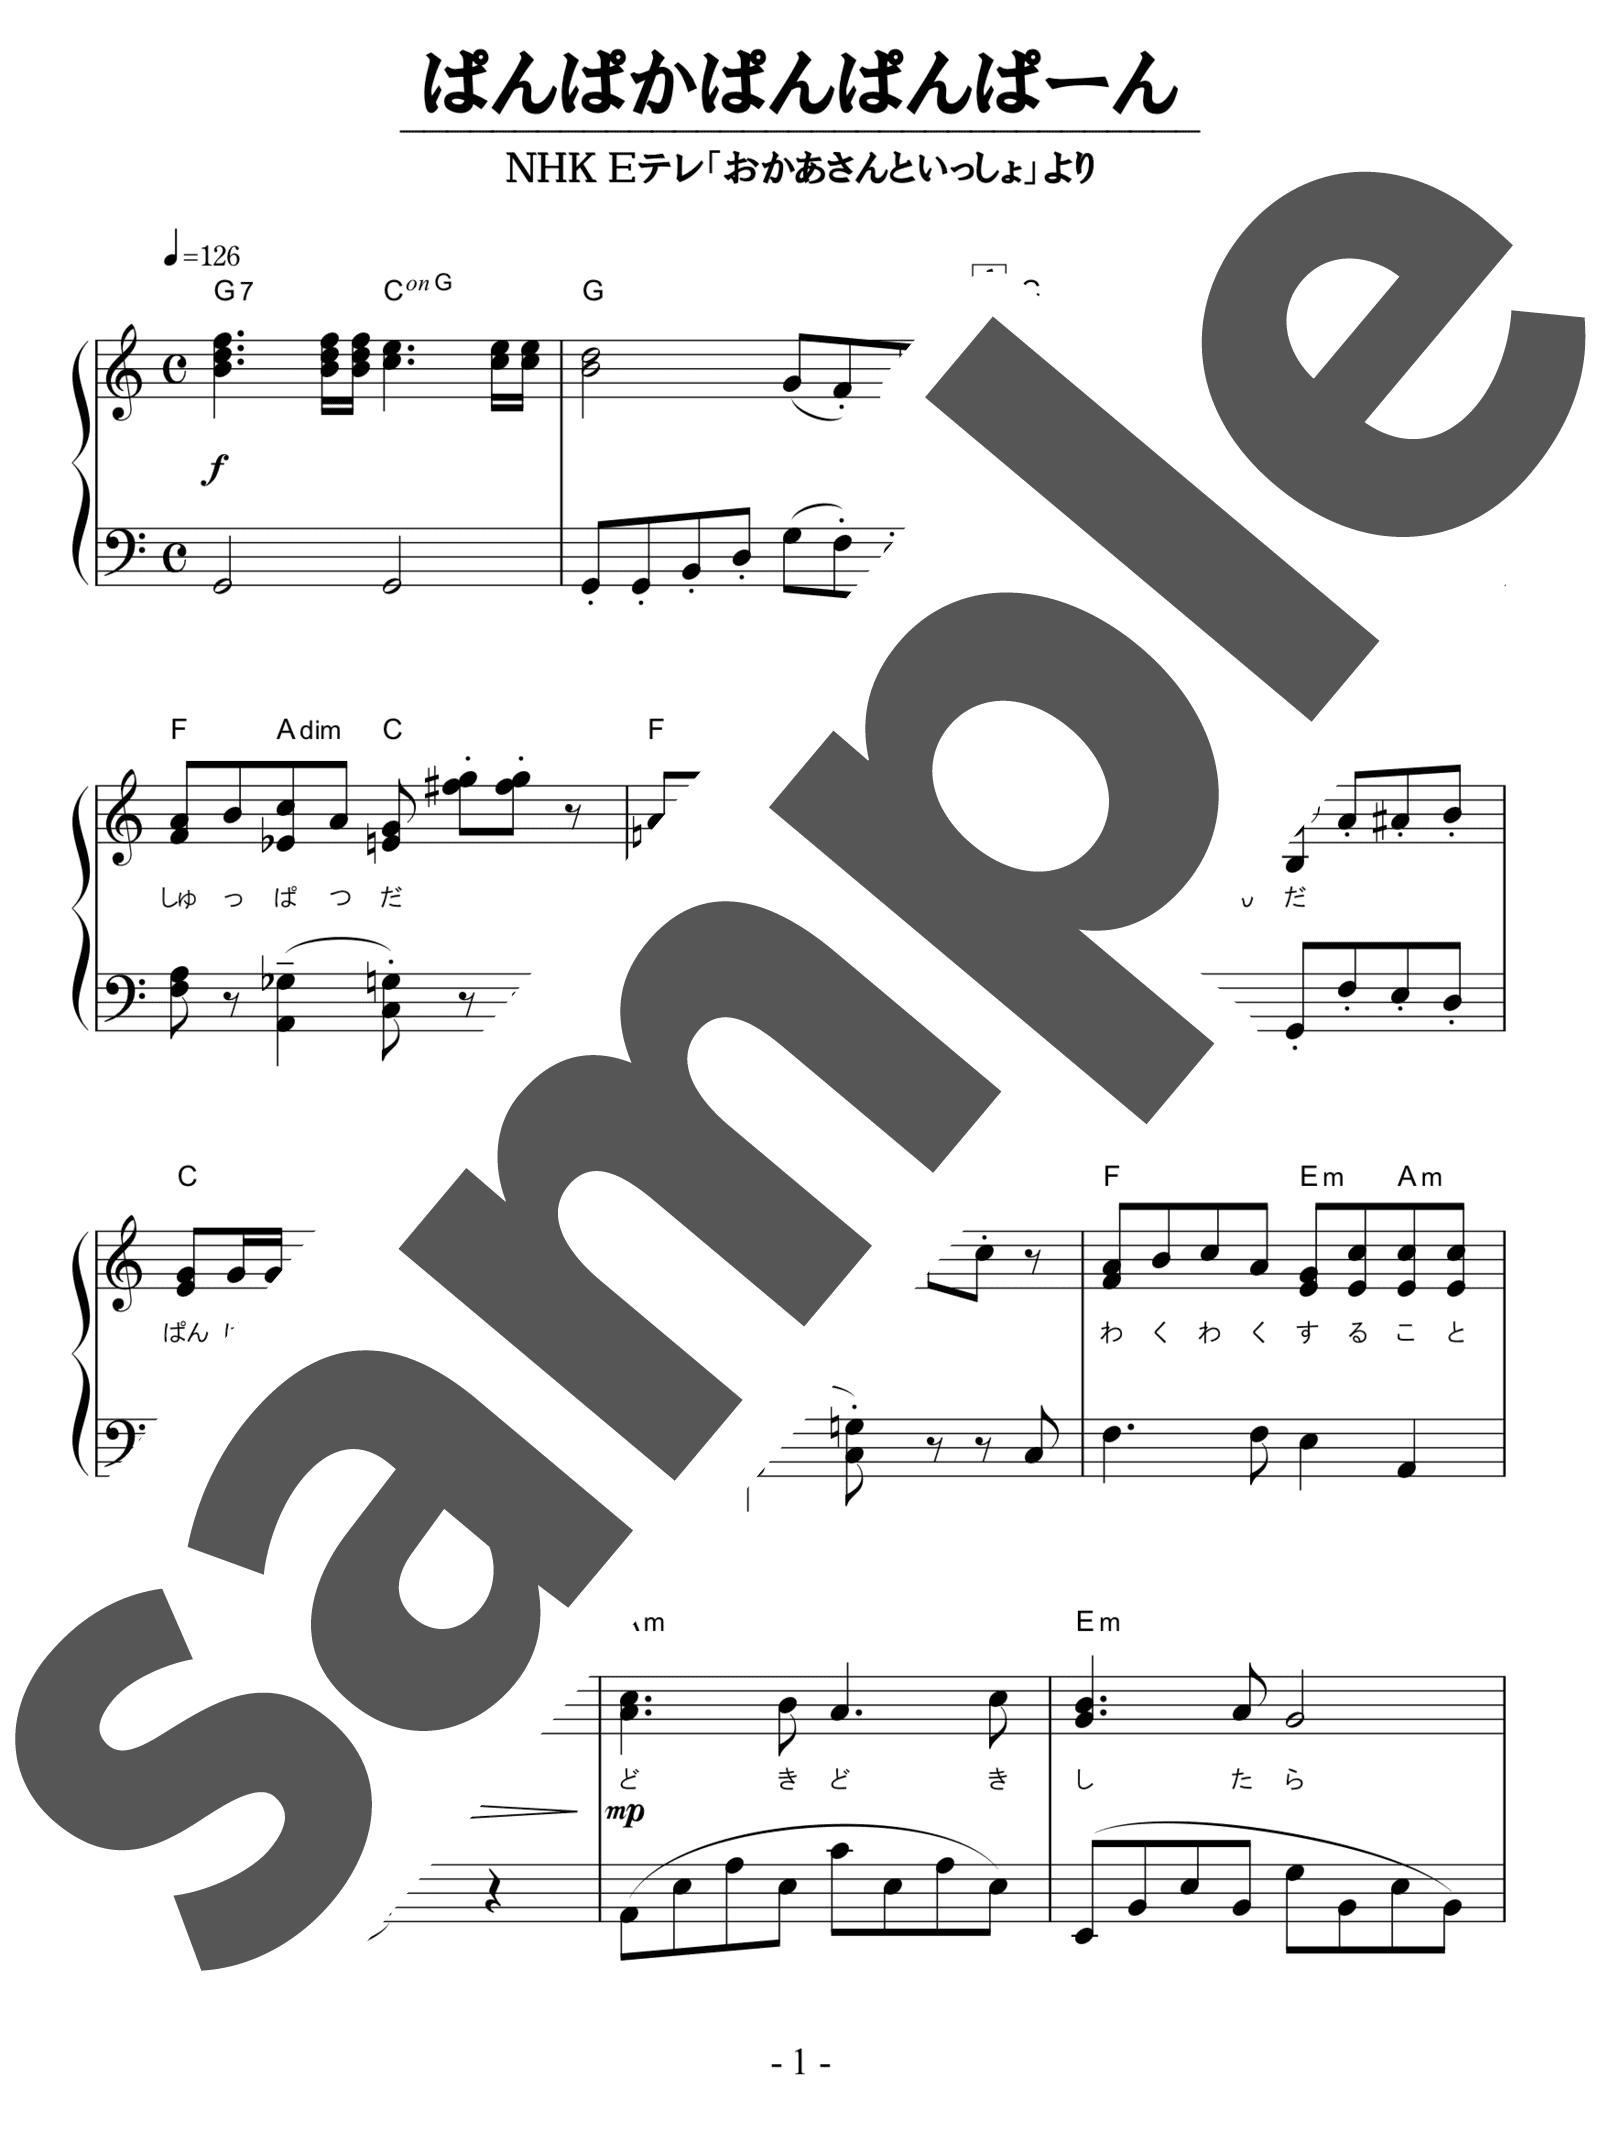 「ぱんぱかぱんぱんぱーん」のサンプル楽譜